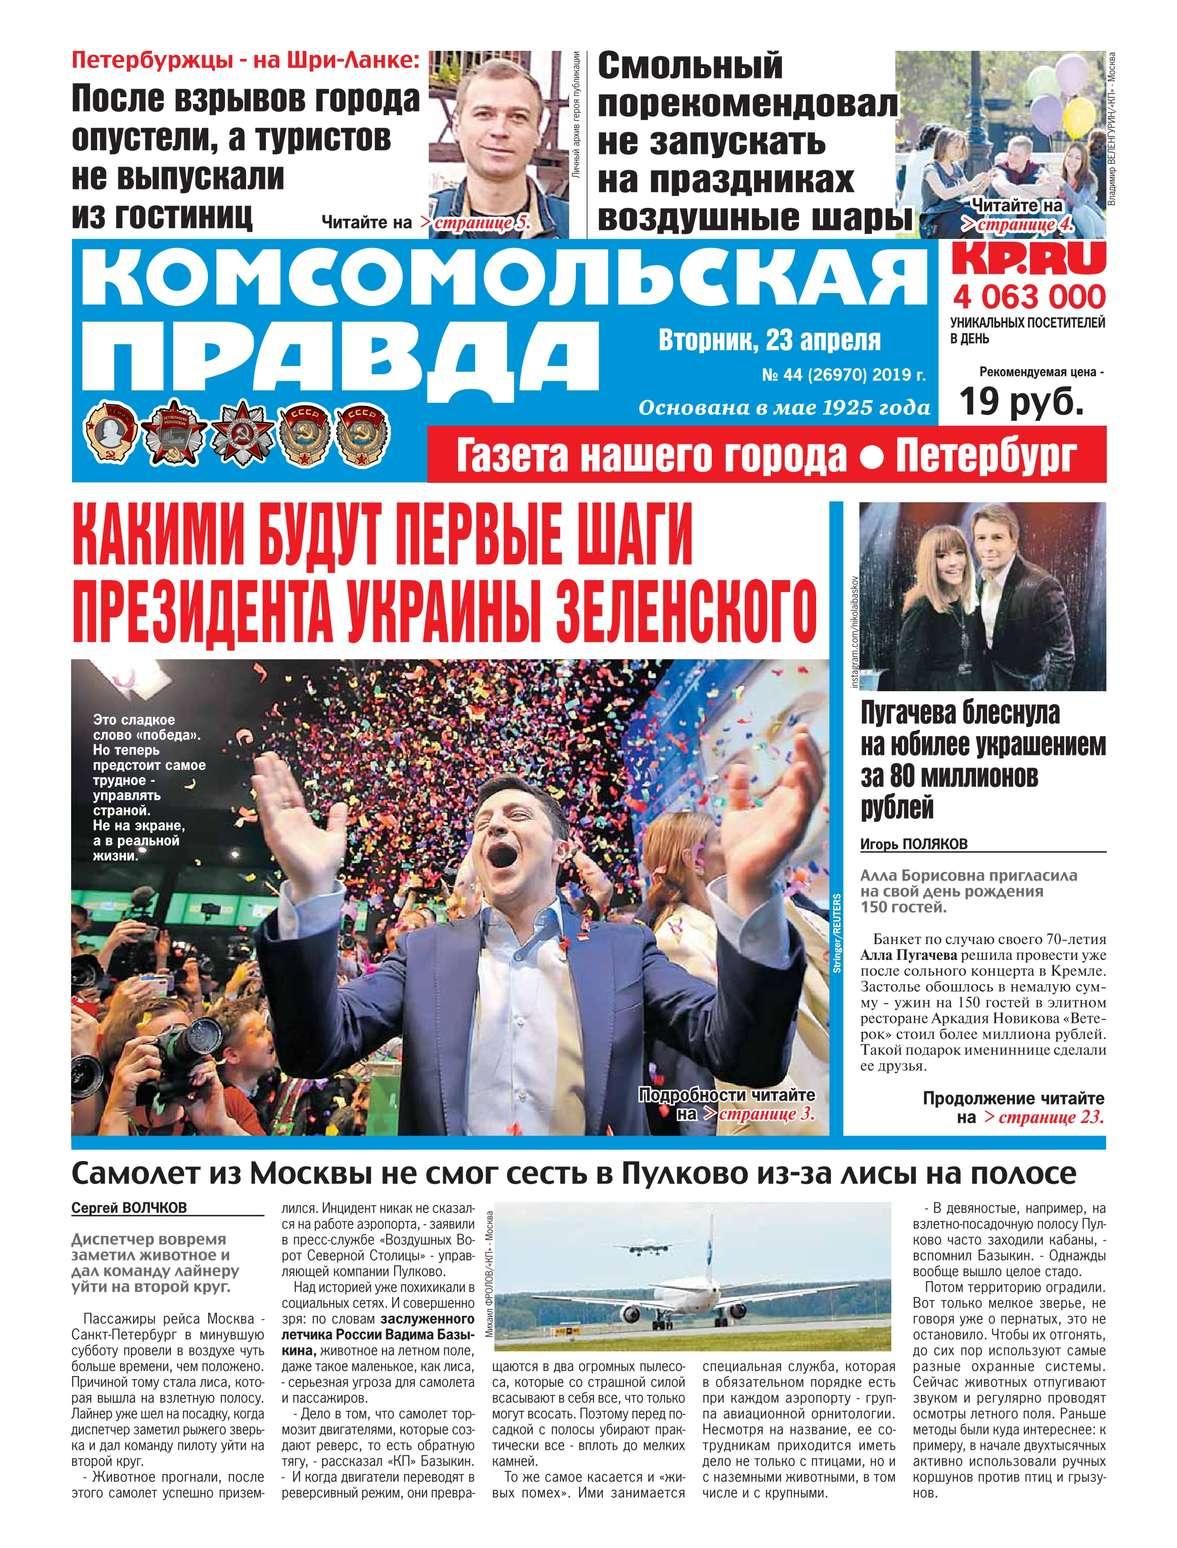 Комсомольская Правда. Санкт-Петербург 44-2019